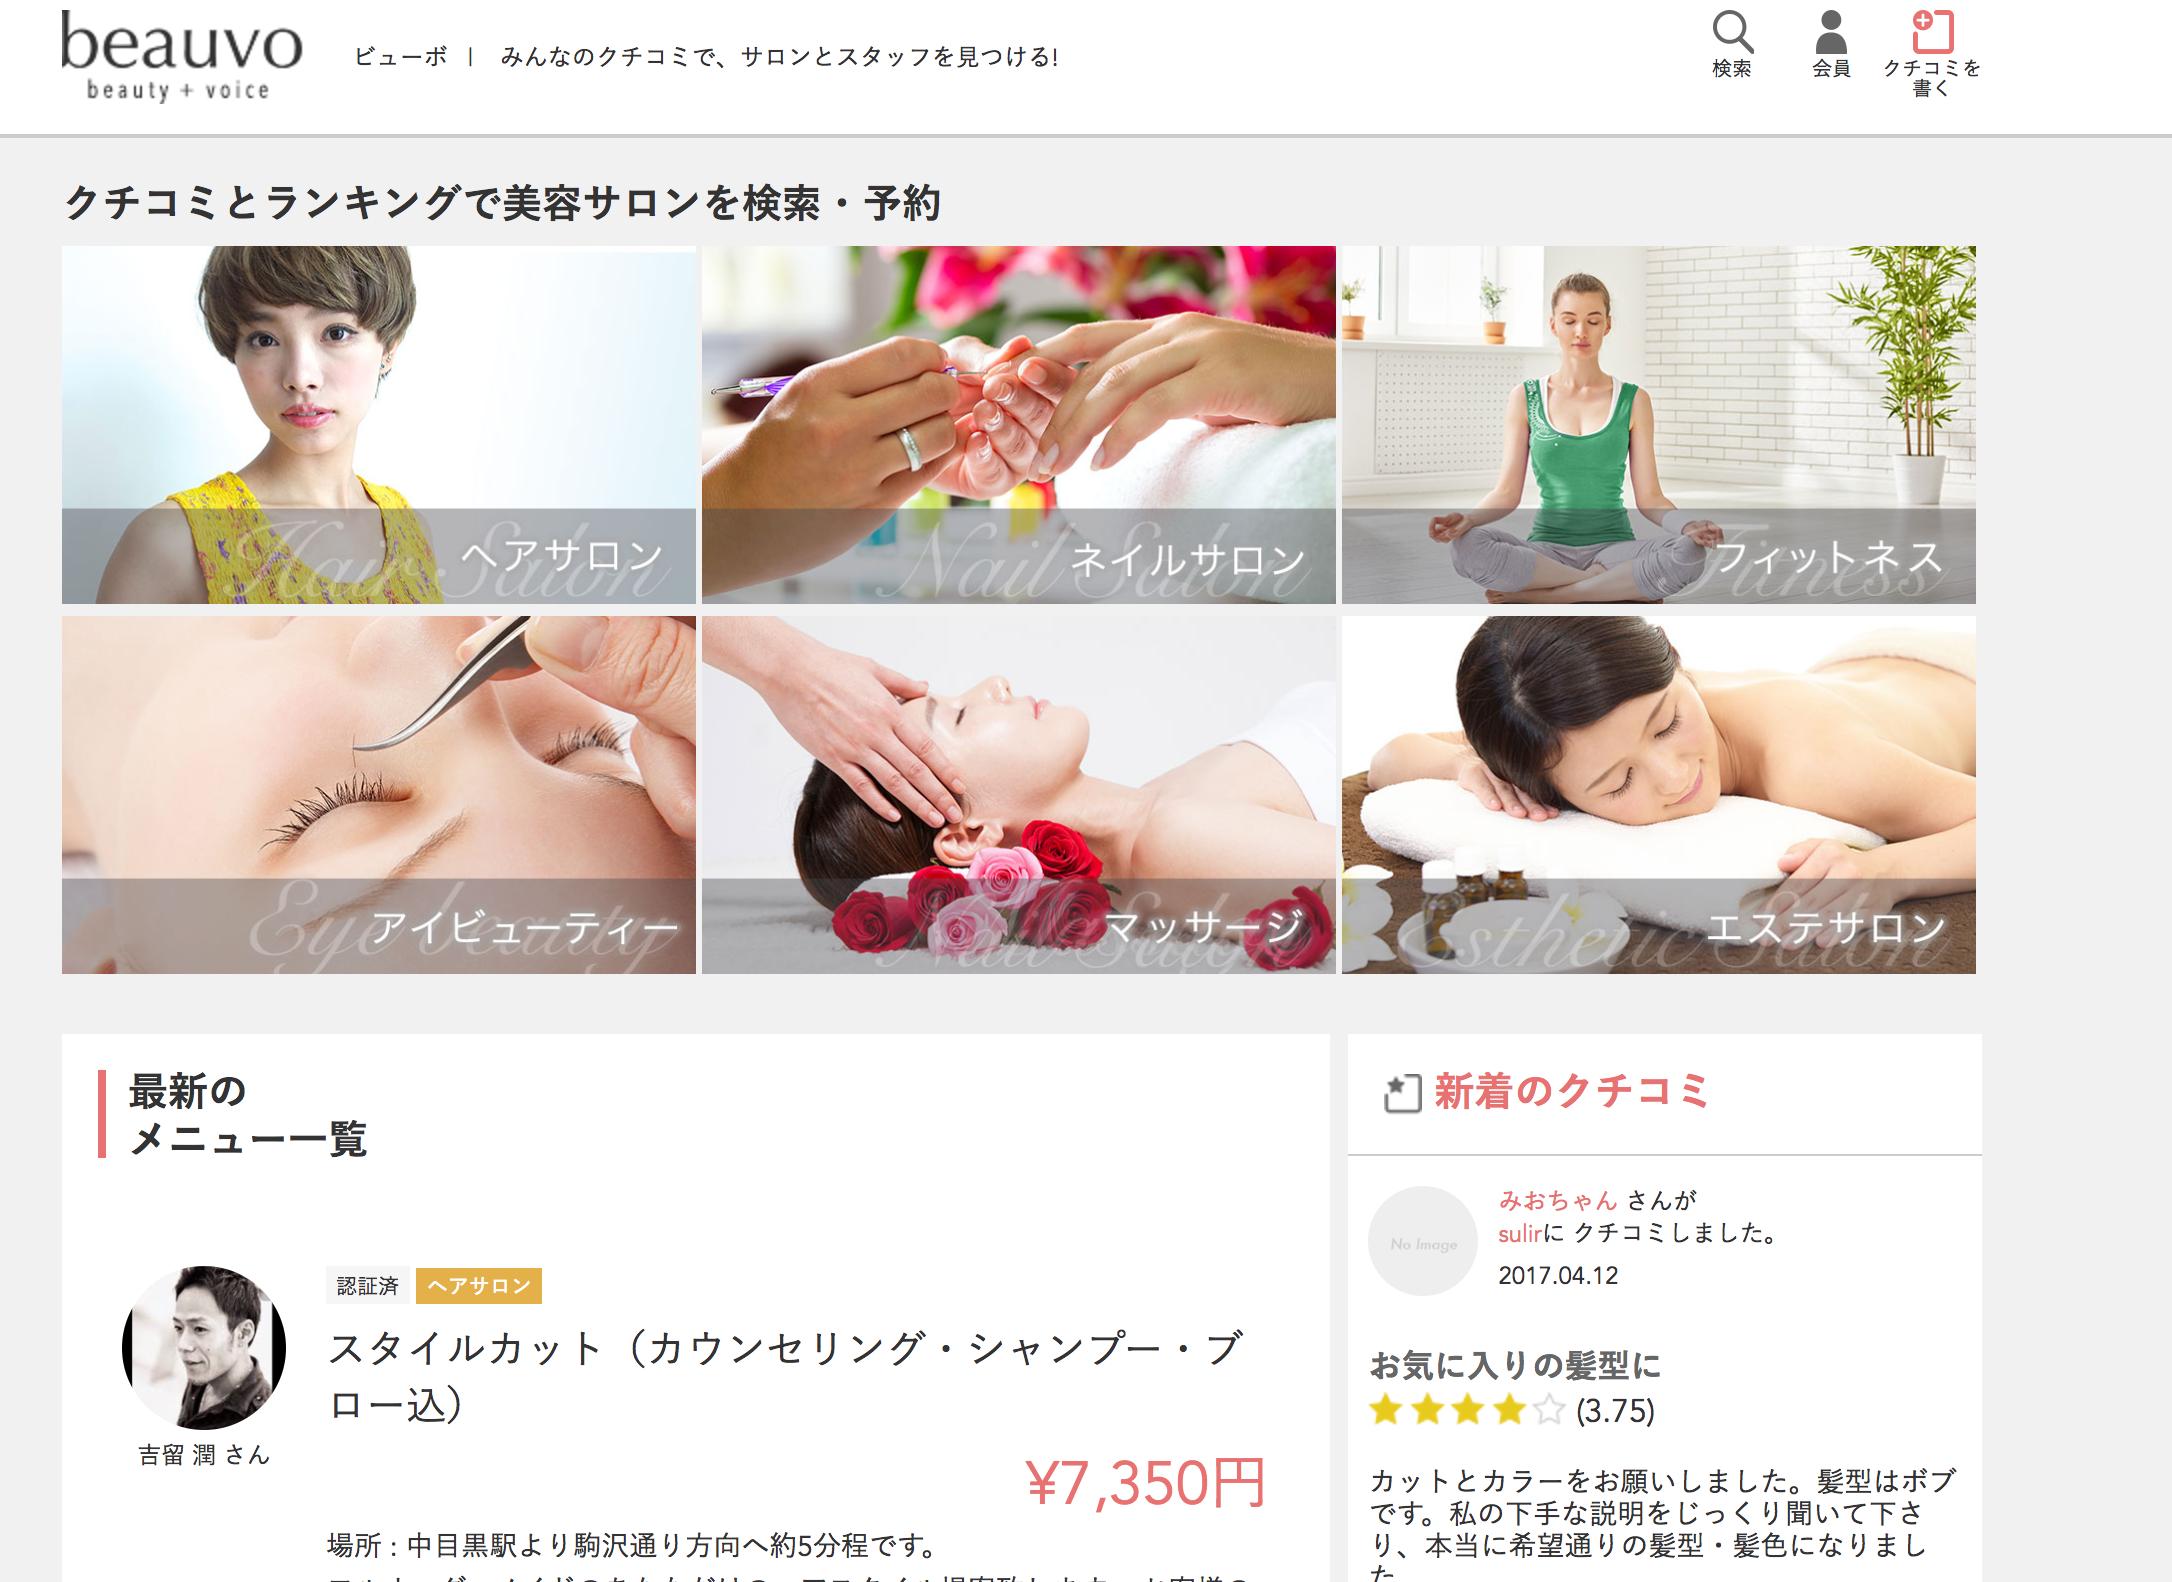 美容系キュレーションメディアのマーケティング、企画、運営